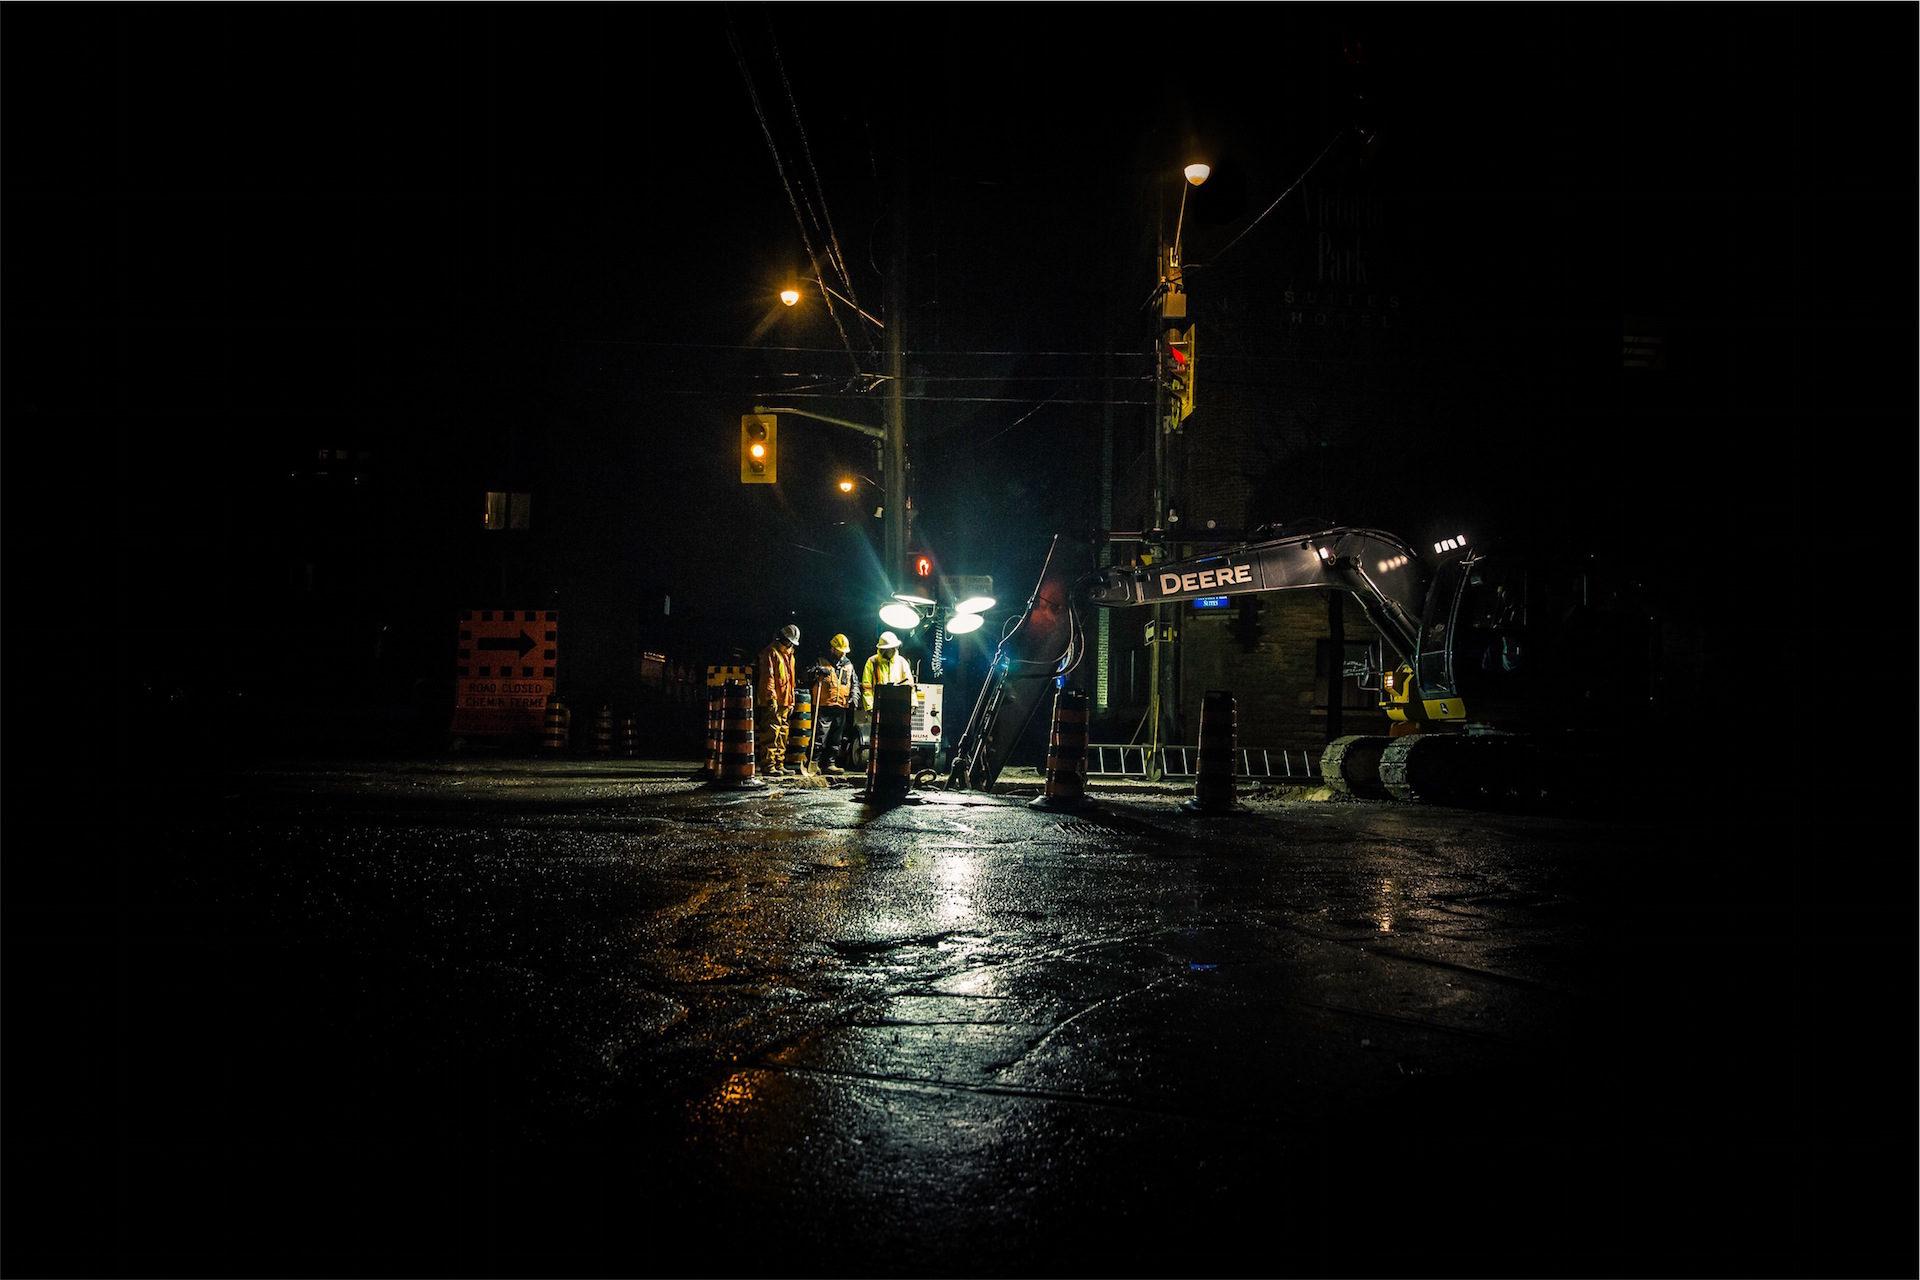 à noite, trabalhadores, manutenção, luzes de tráfego, Enquanto você dorme - Papéis de parede HD - Professor-falken.com